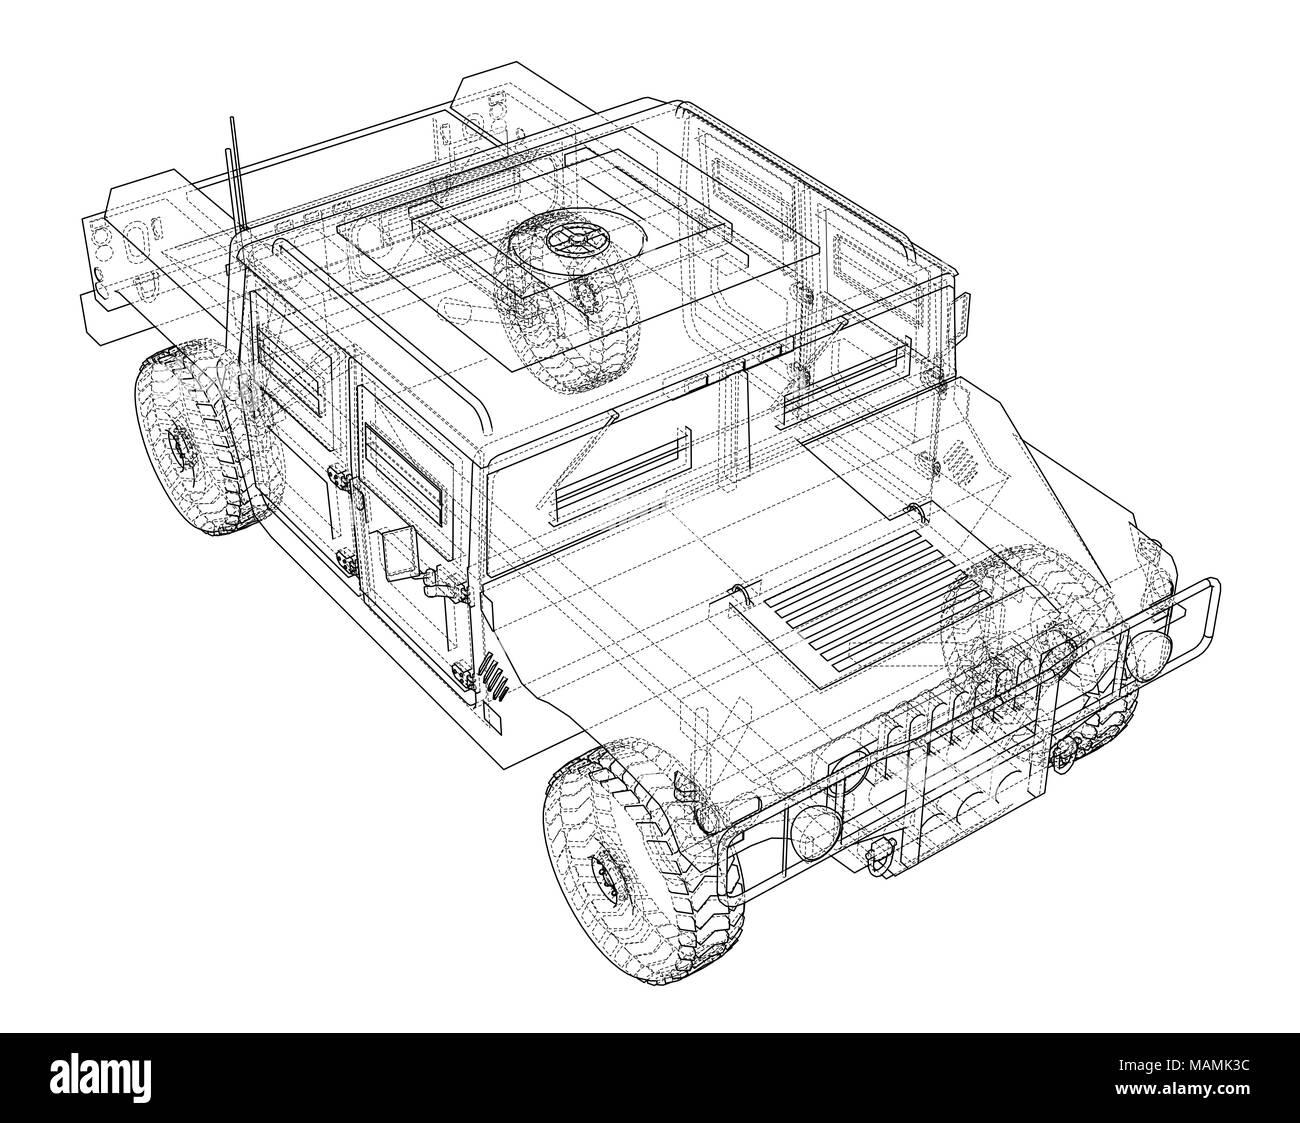 Ziemlich Blueprint Auto Wert Ideen - Elektrische Schaltplan-Ideen ...